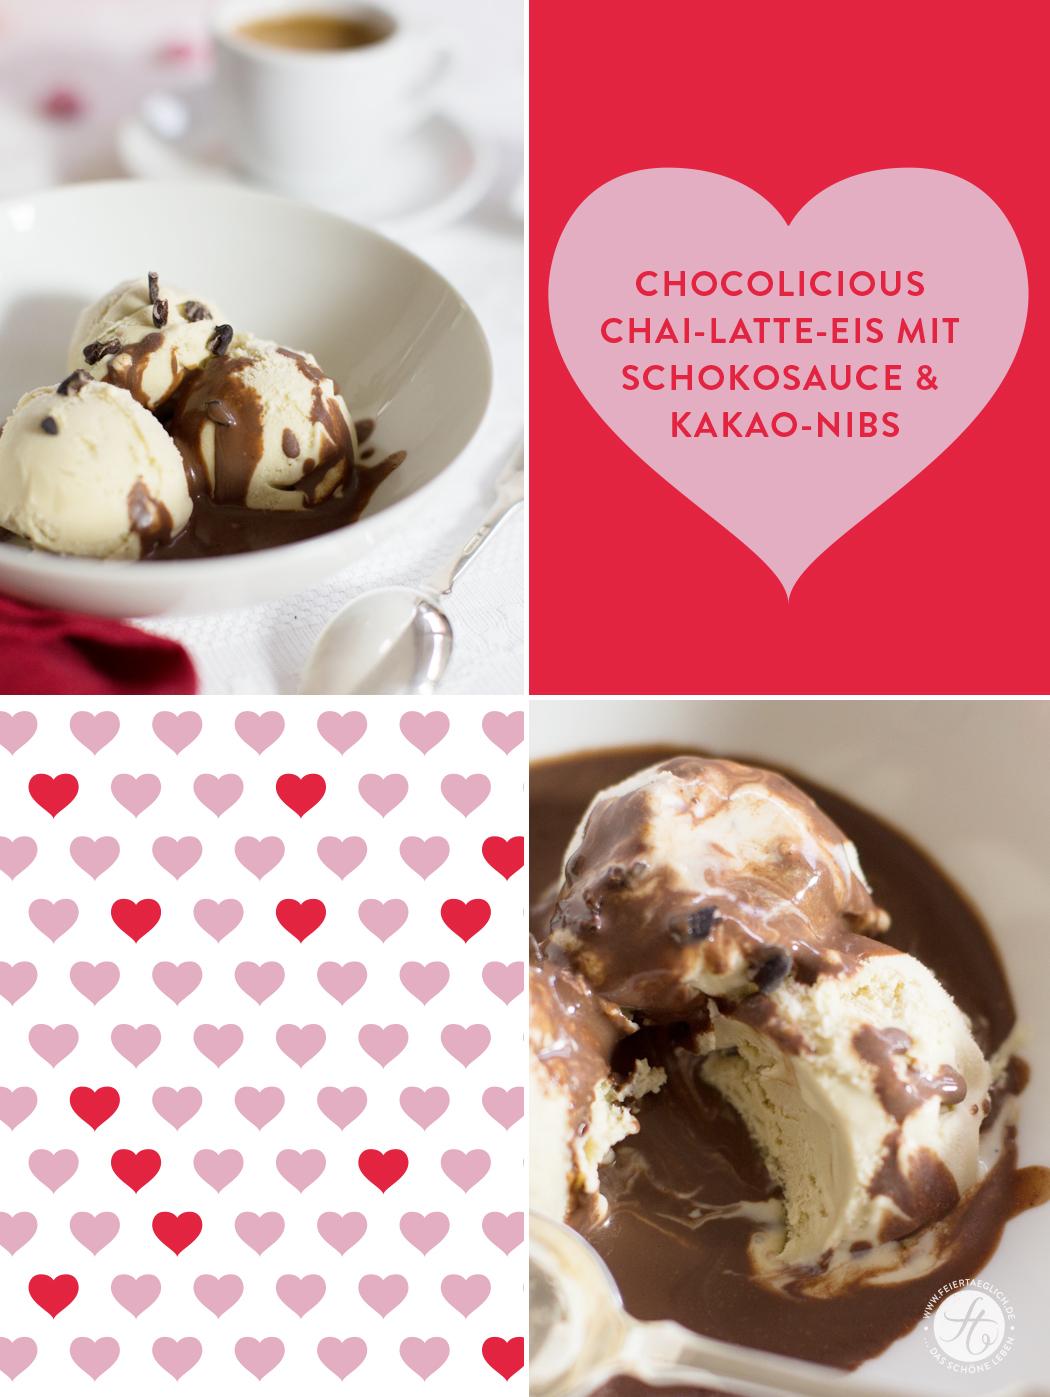 Chocolicious Chai-Latte-Eis mit Schokosauce und Kakao-Nibs